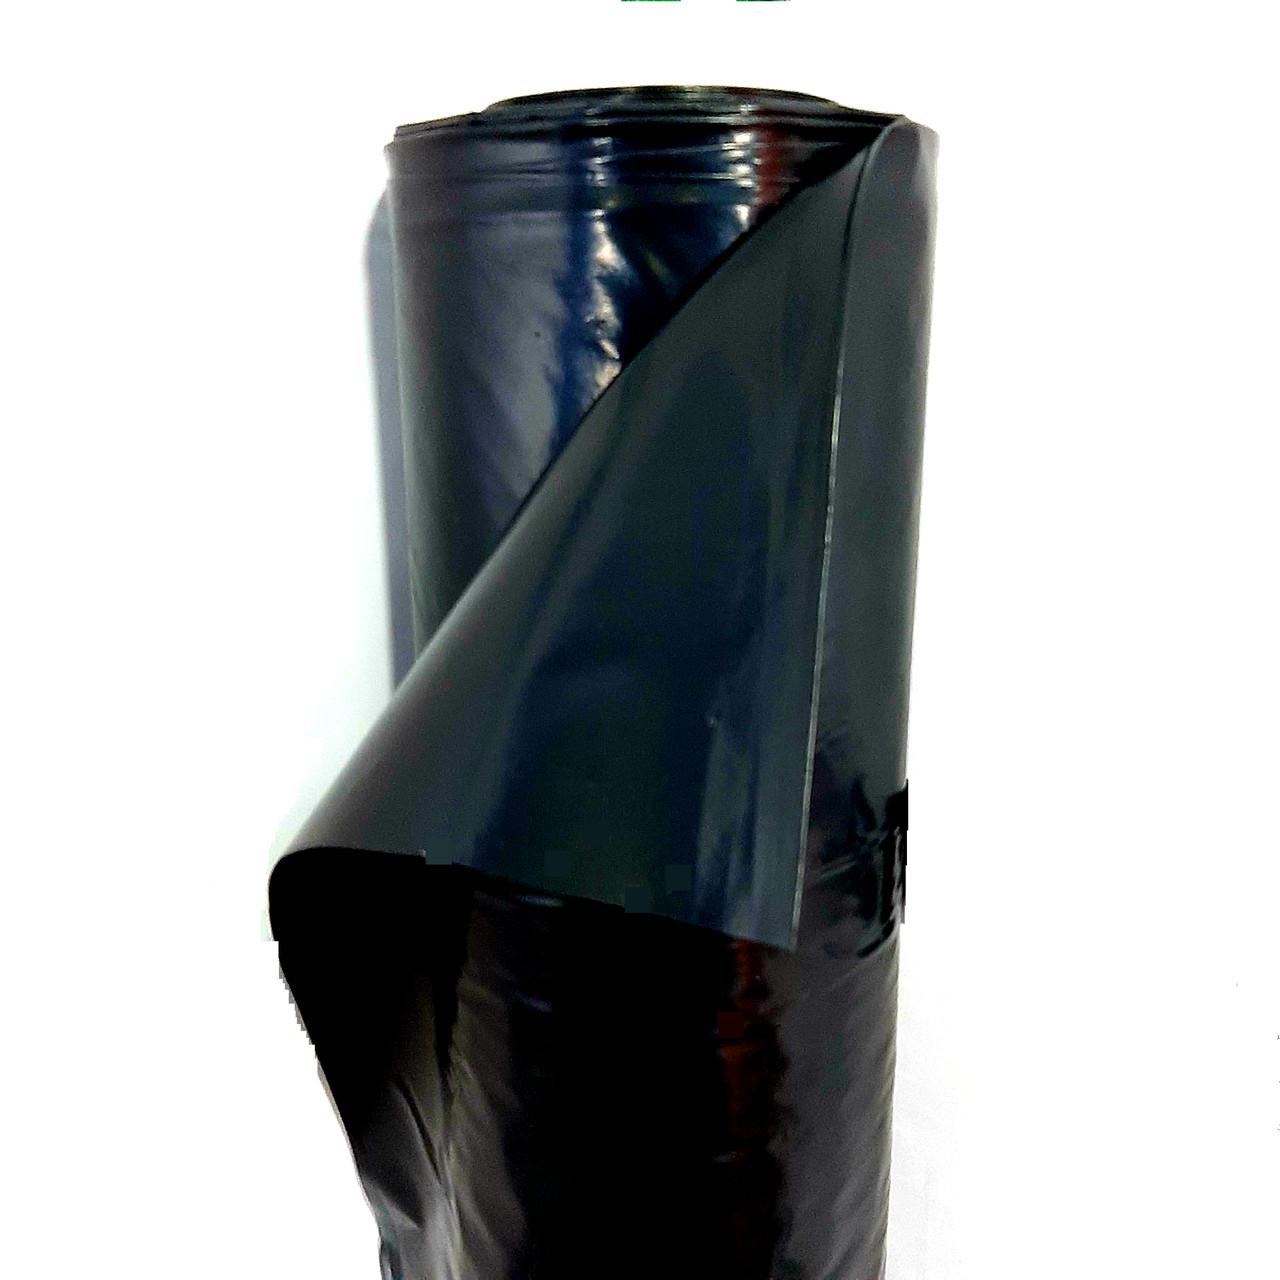 Пленка черная, 200мкм 3м/50м. полиэтиленовая (строительная). Для фундамента, бетона (стяжки).